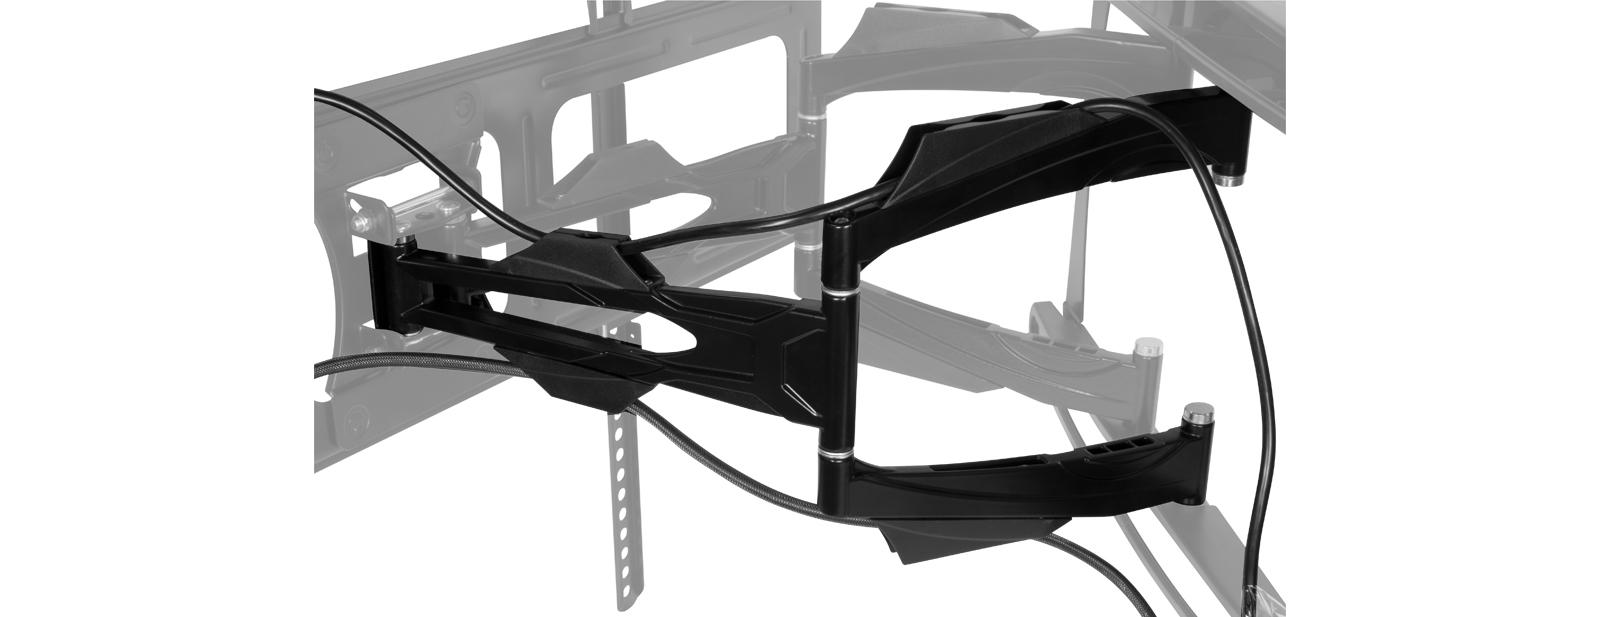 Vollbewegliche XL TV-Wandhalterung ARCTIC TV Flex L Detailansicht Kabelführung